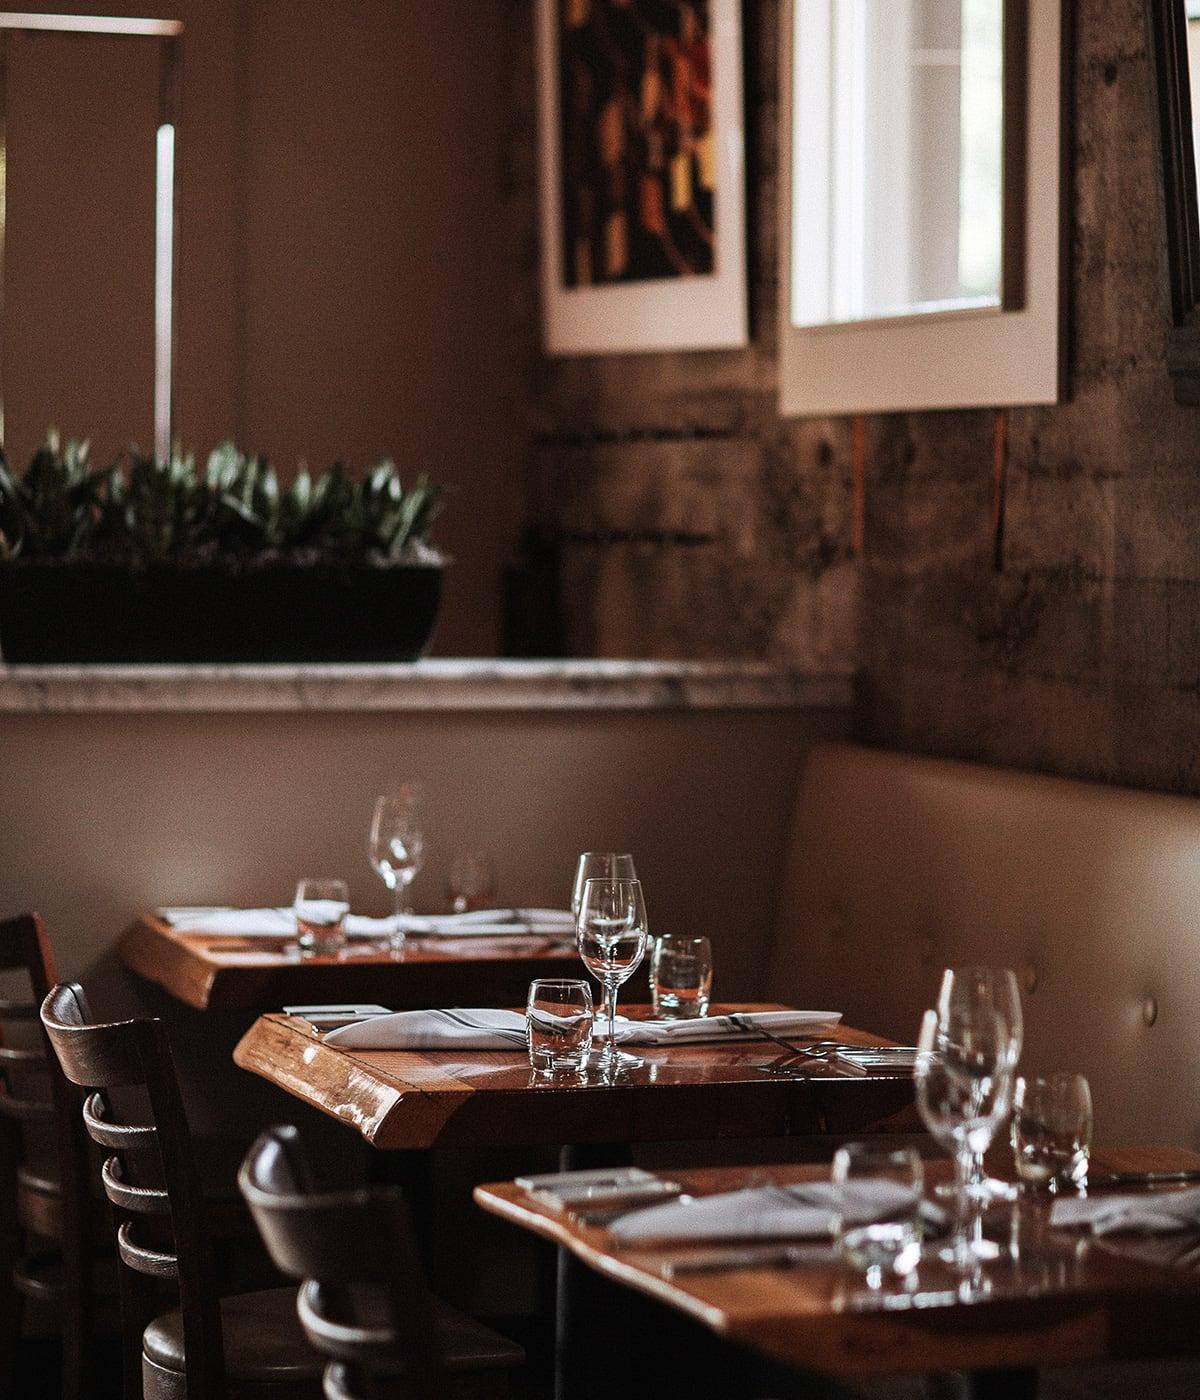 Luxe Digital luxury restaurant Healdsburg Valette dining